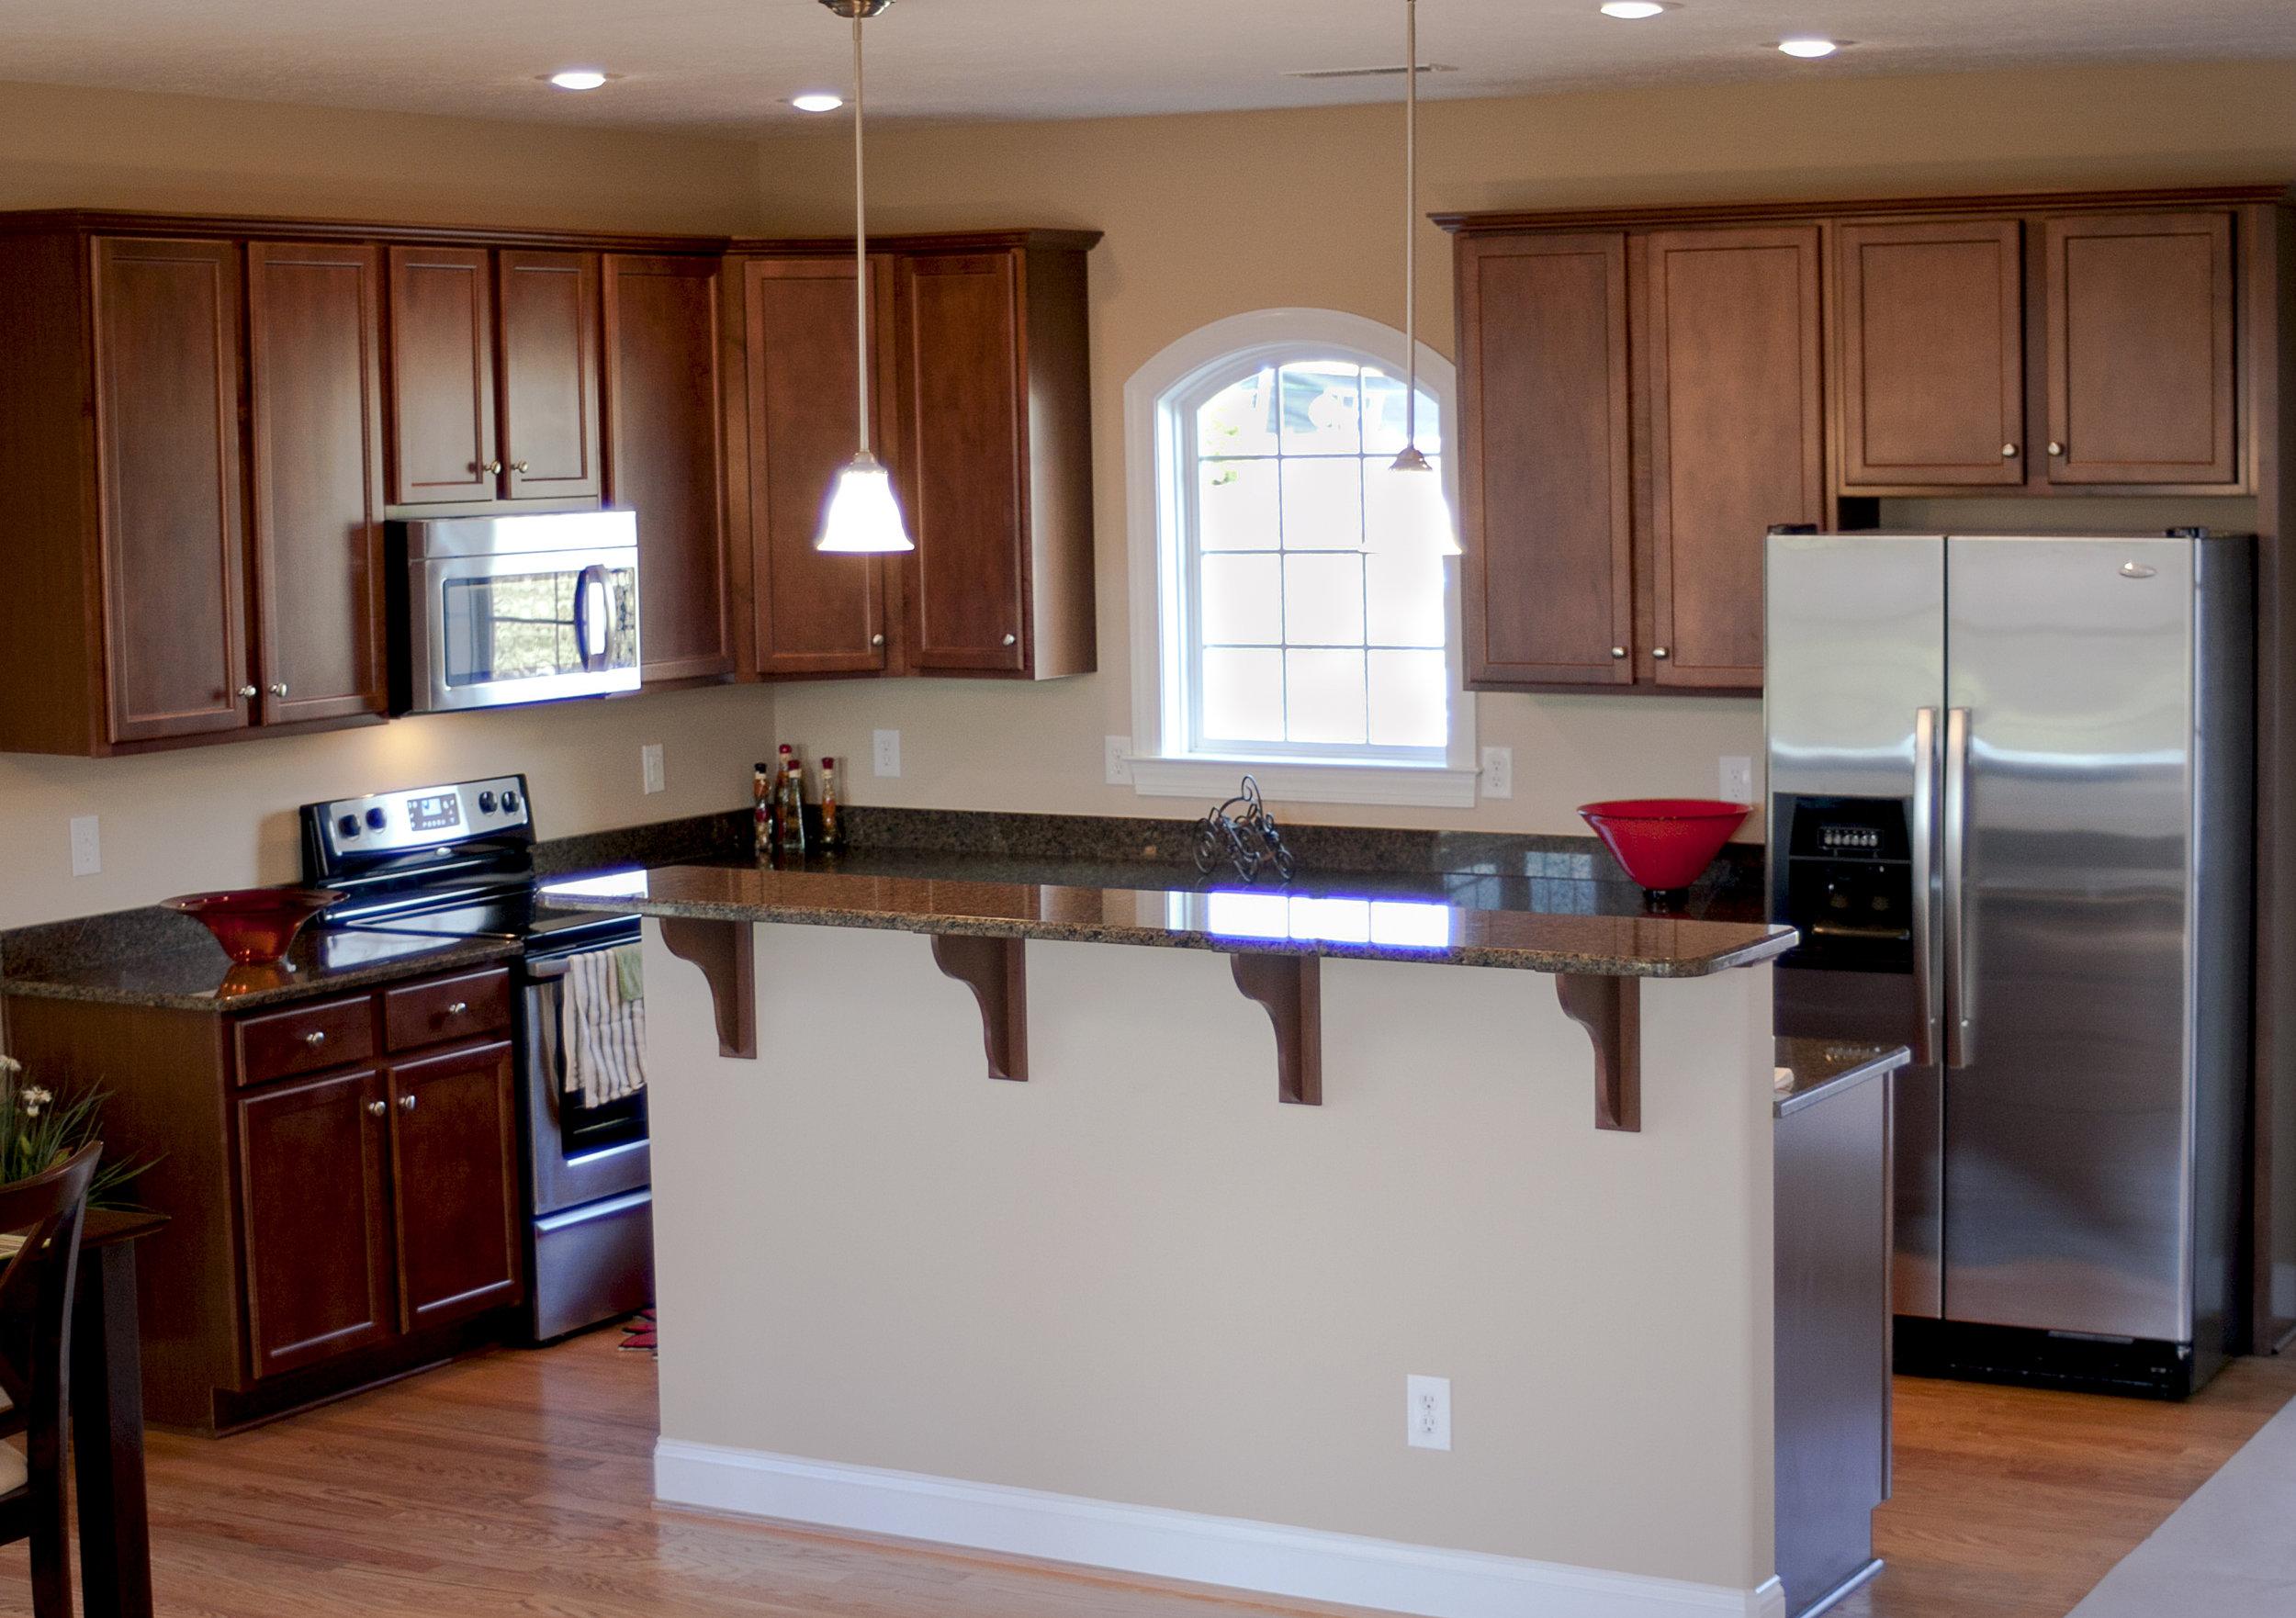 905 Kentwood kitchen3 (2).jpg